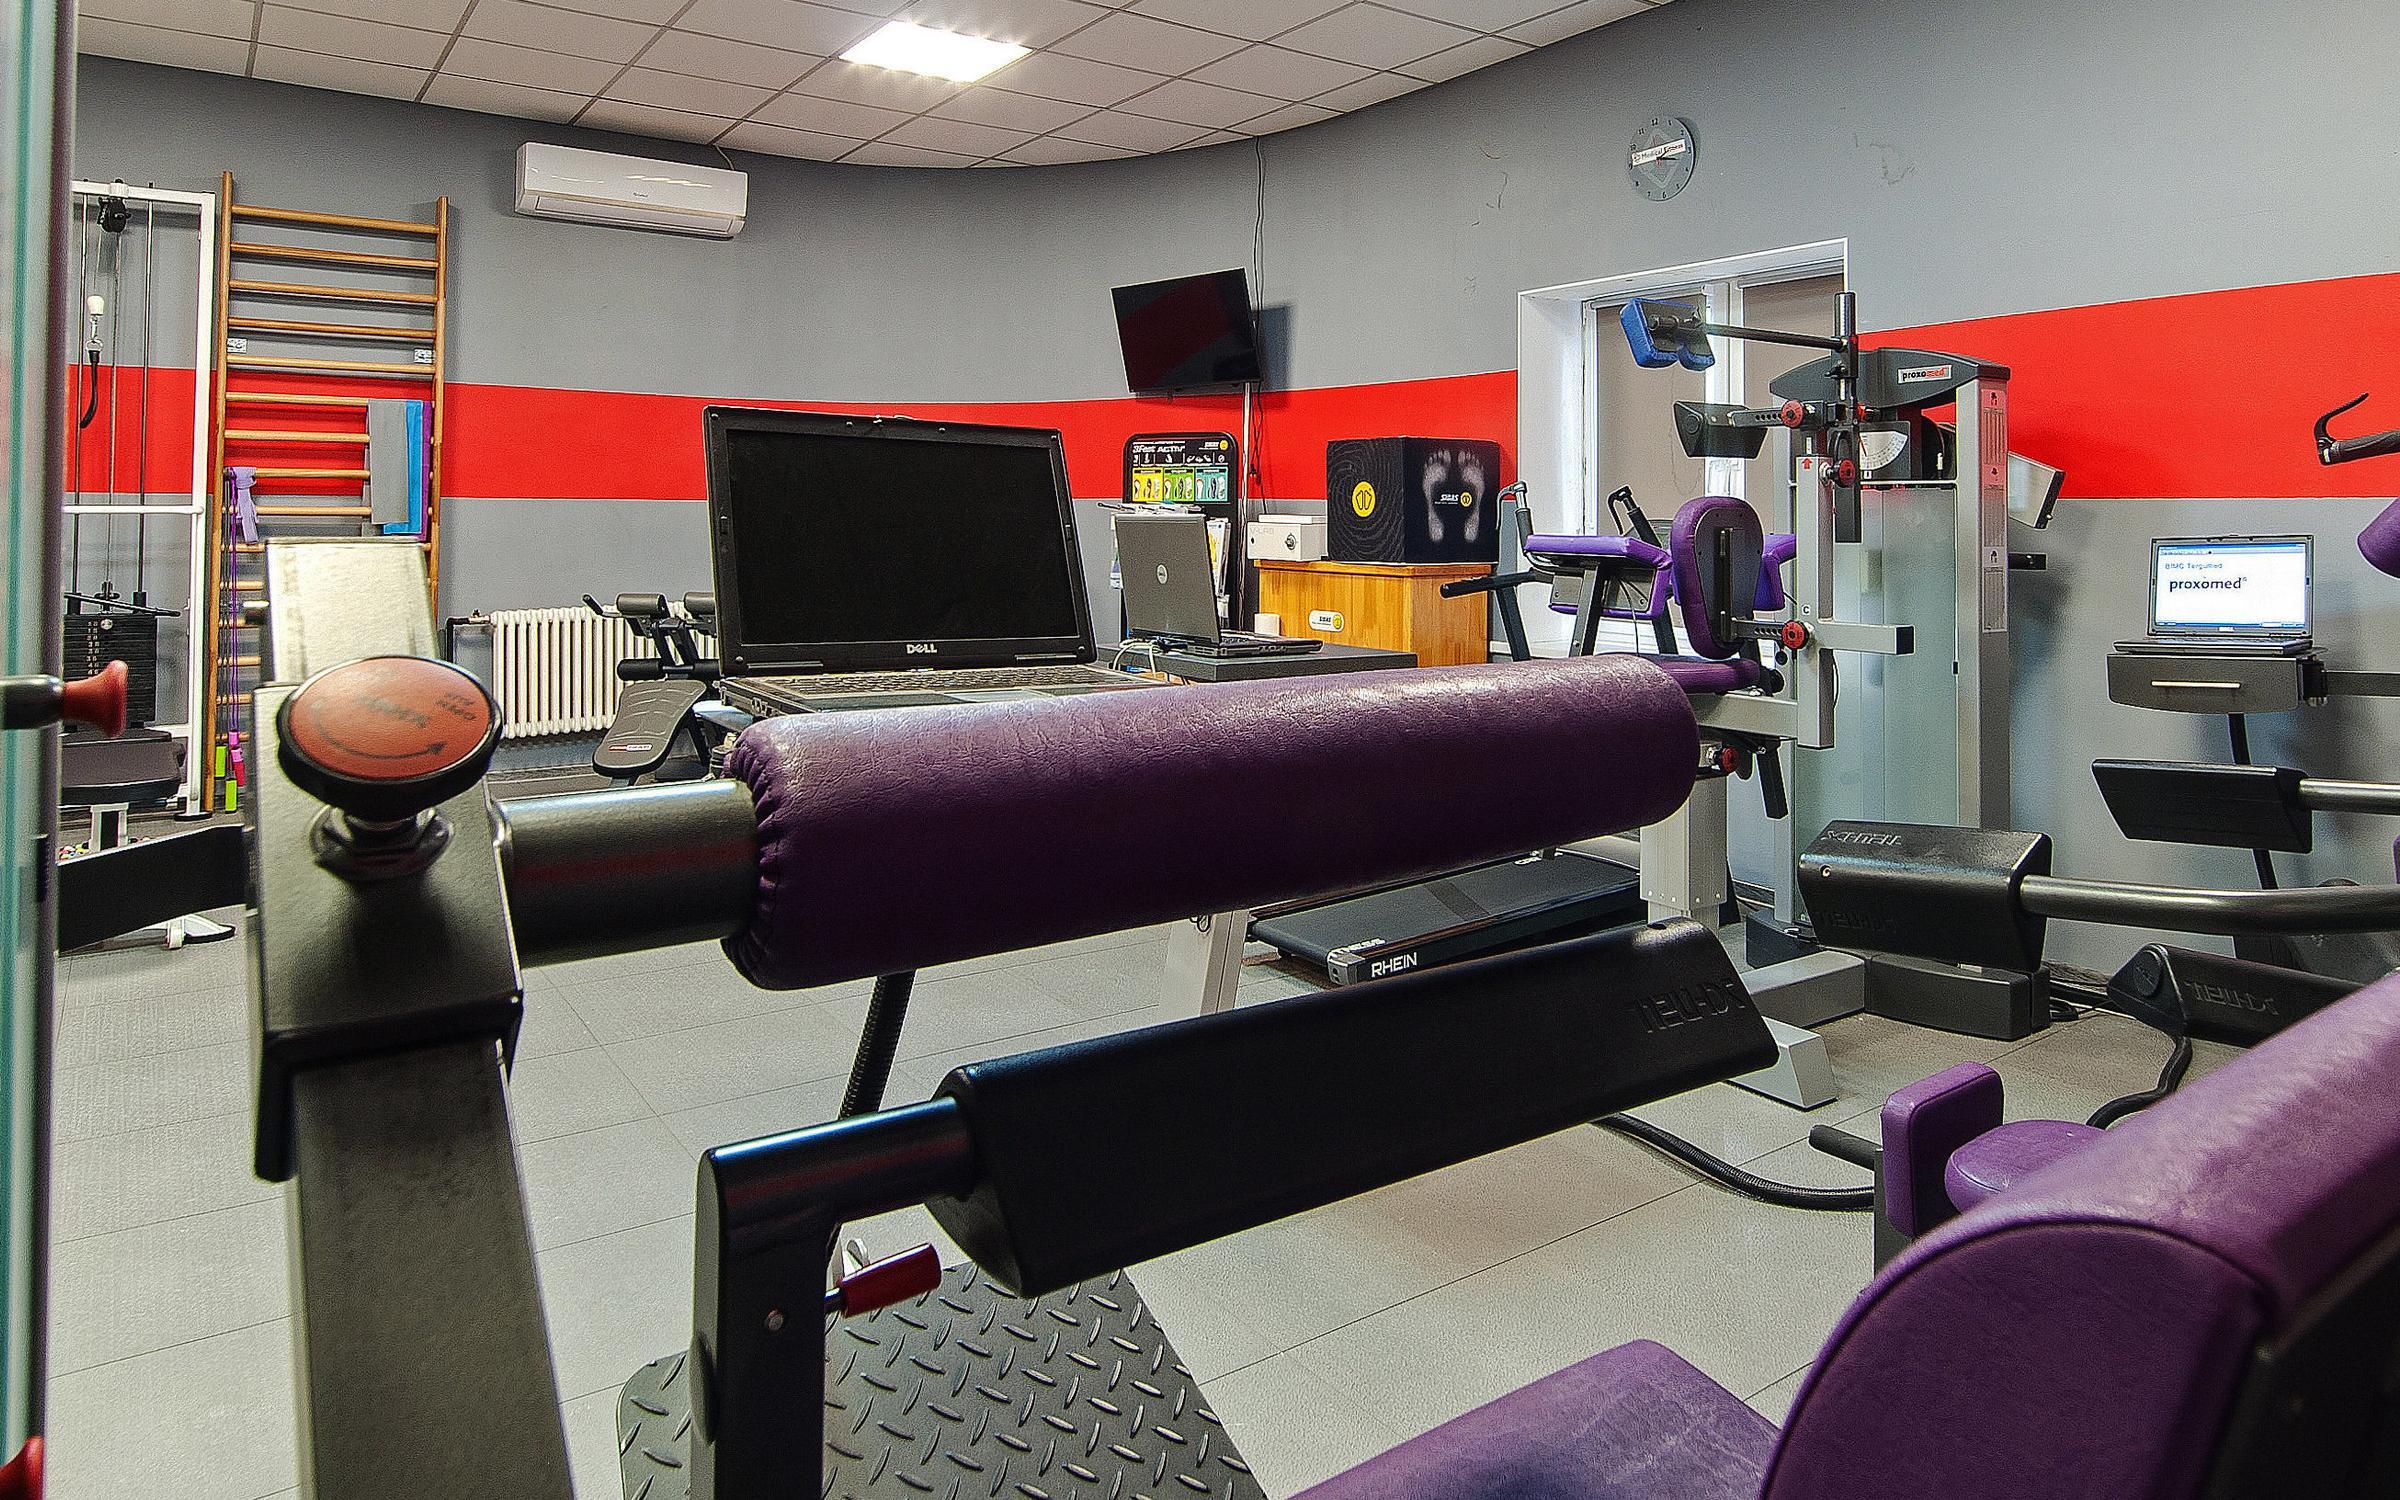 фотография Центра реабилитации Medical Fitness на Ленинградском шоссе